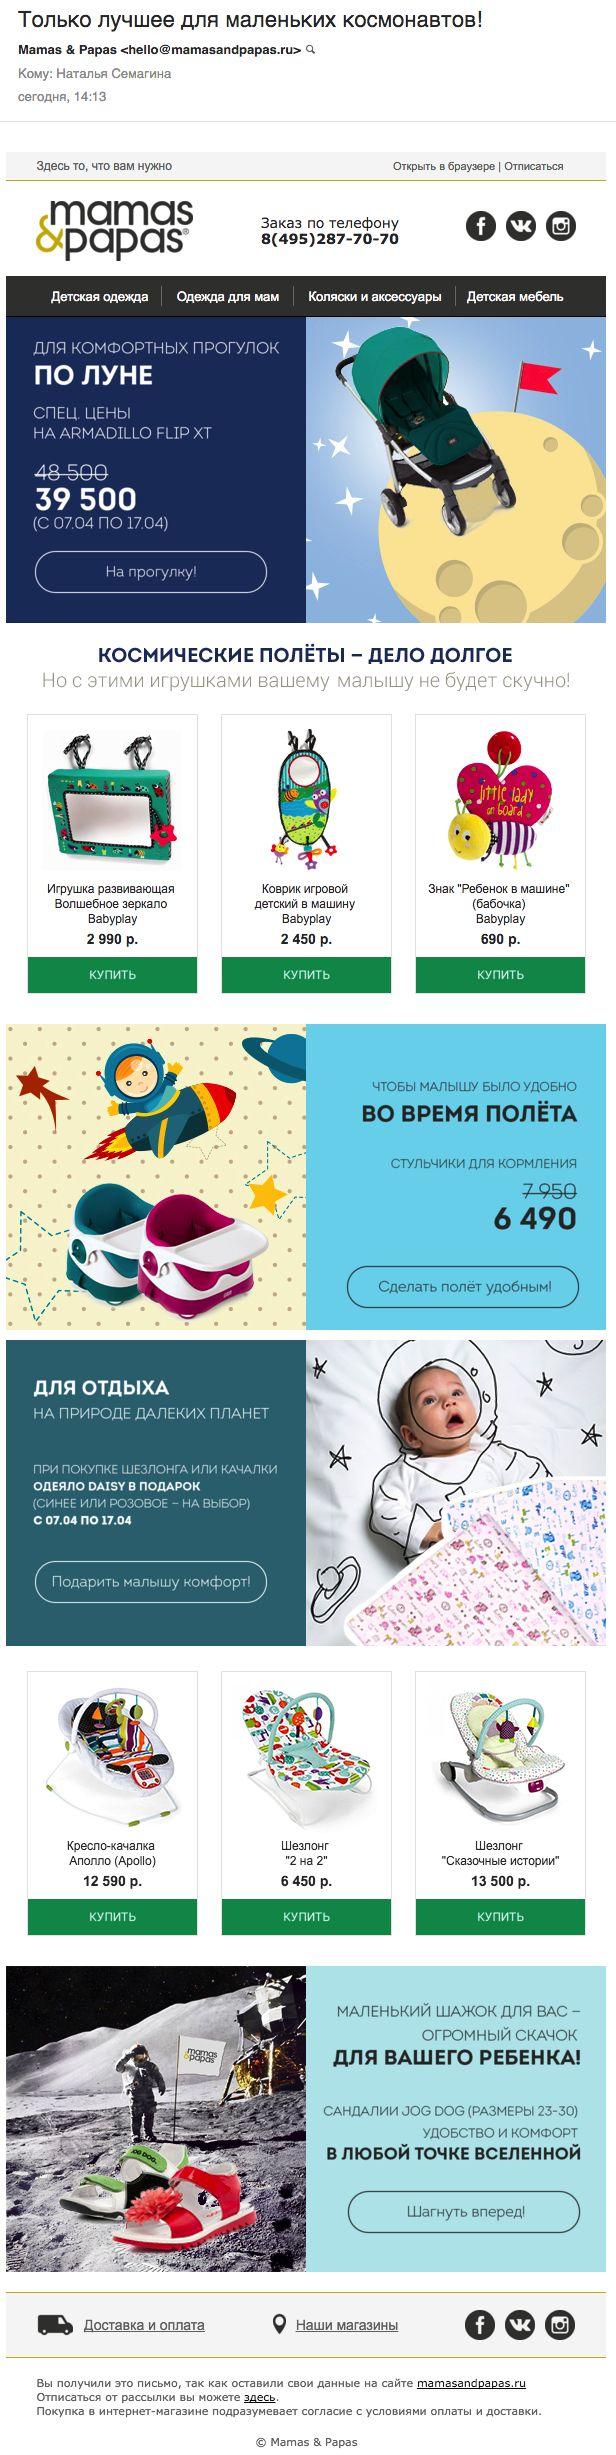 Mamas & Papas: Юным космонавтам посвящается, а также их папам, которые так хотели вырасти и стать покорителями внеземного пространства. #emaildesign #emailmonitoring